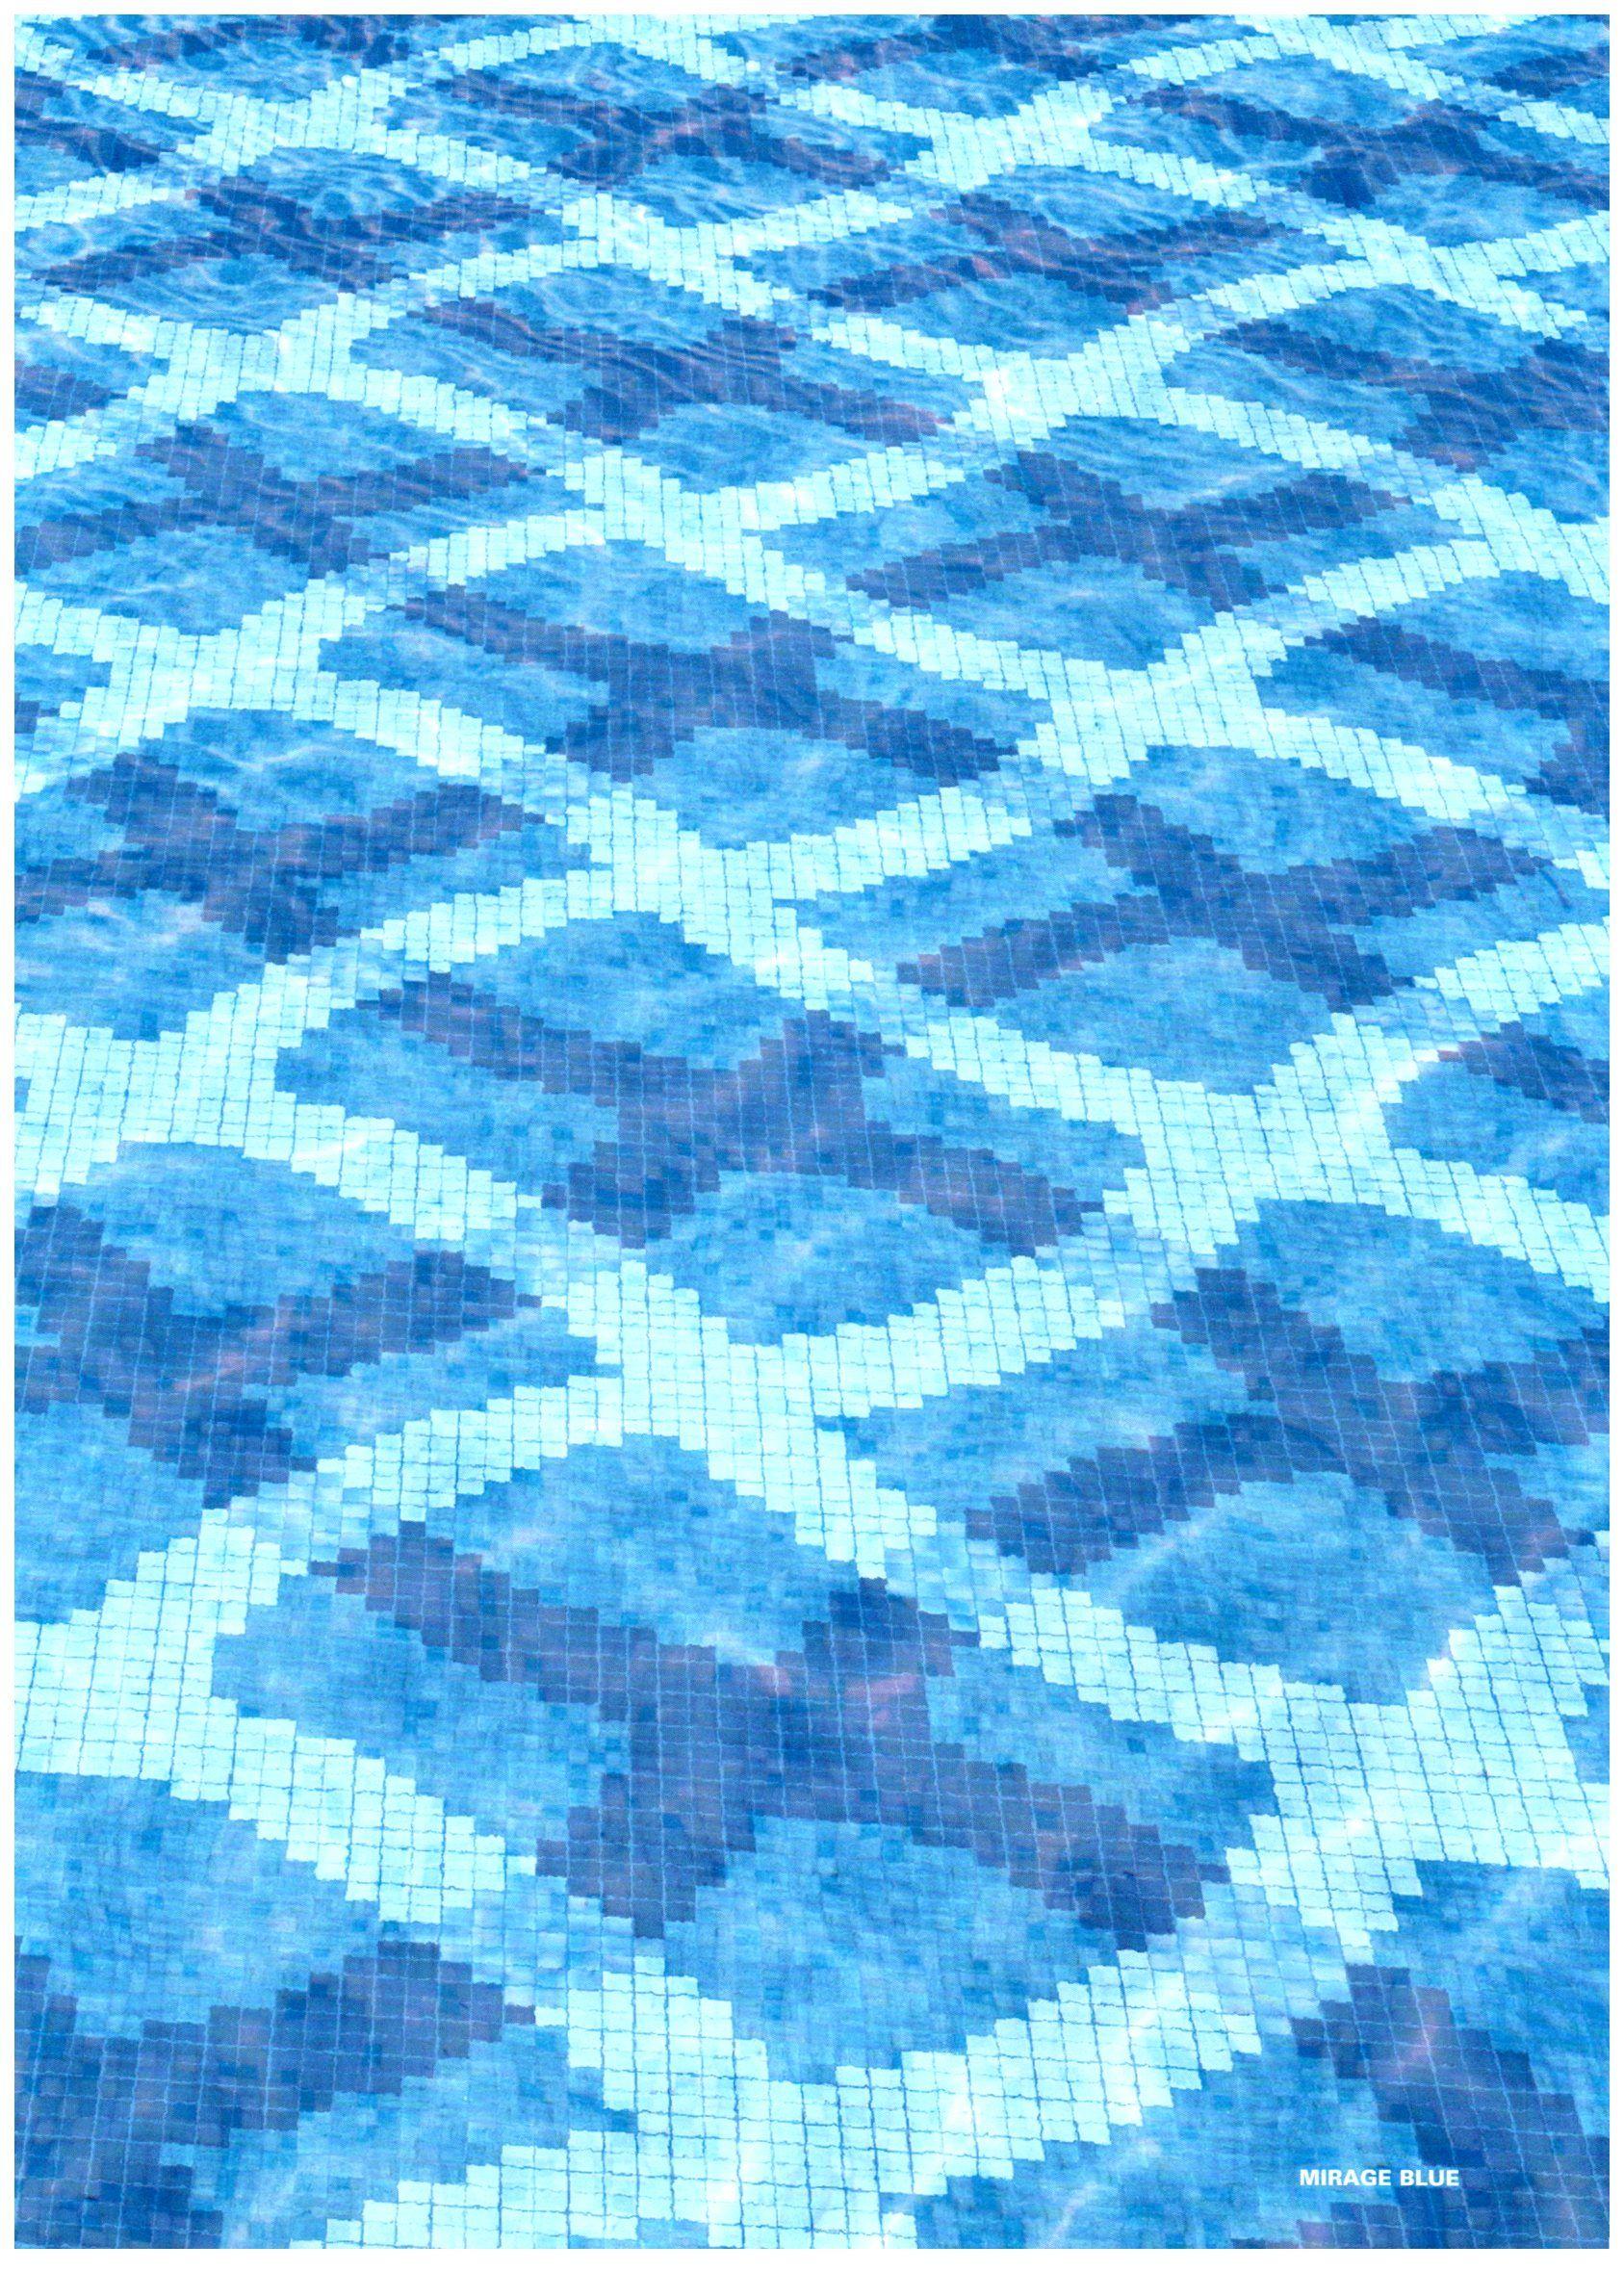 bisazza decori modern mirage blue Beautiful #pool #mosaic ...